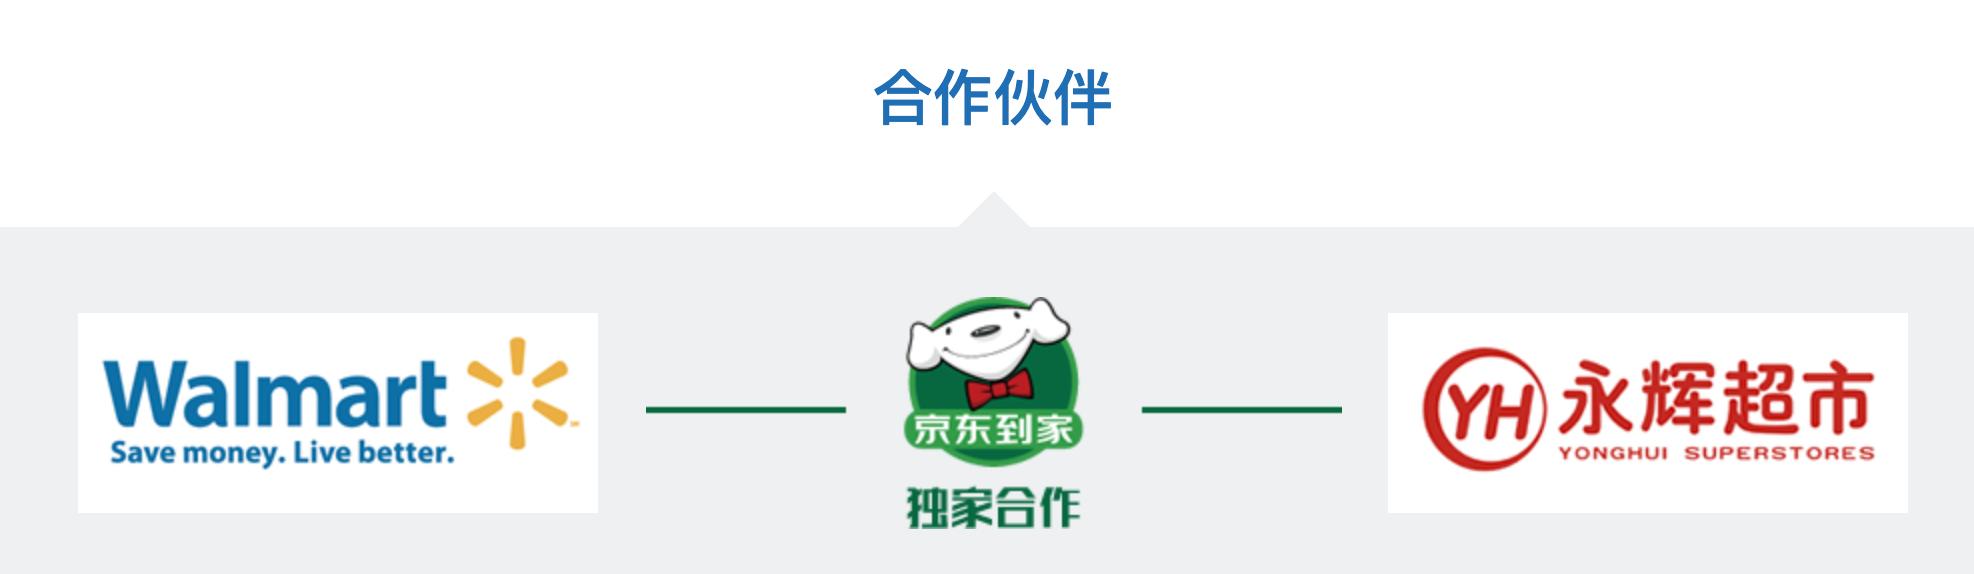 抢美团的生意京东快递同城服务升级最快30分钟送达【生活热点】